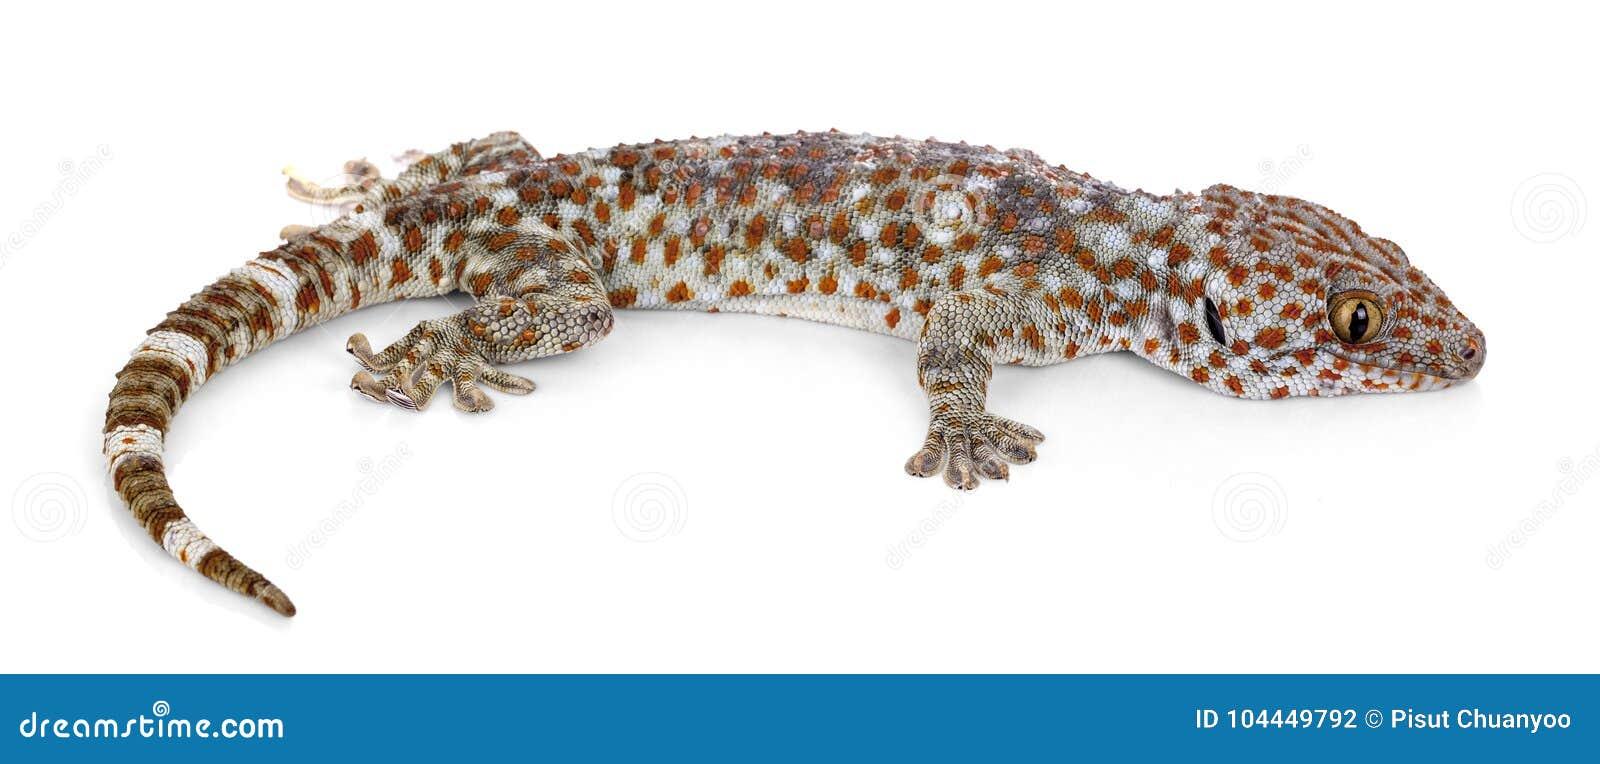 tokay gecko gekko gecko against white background stock photo